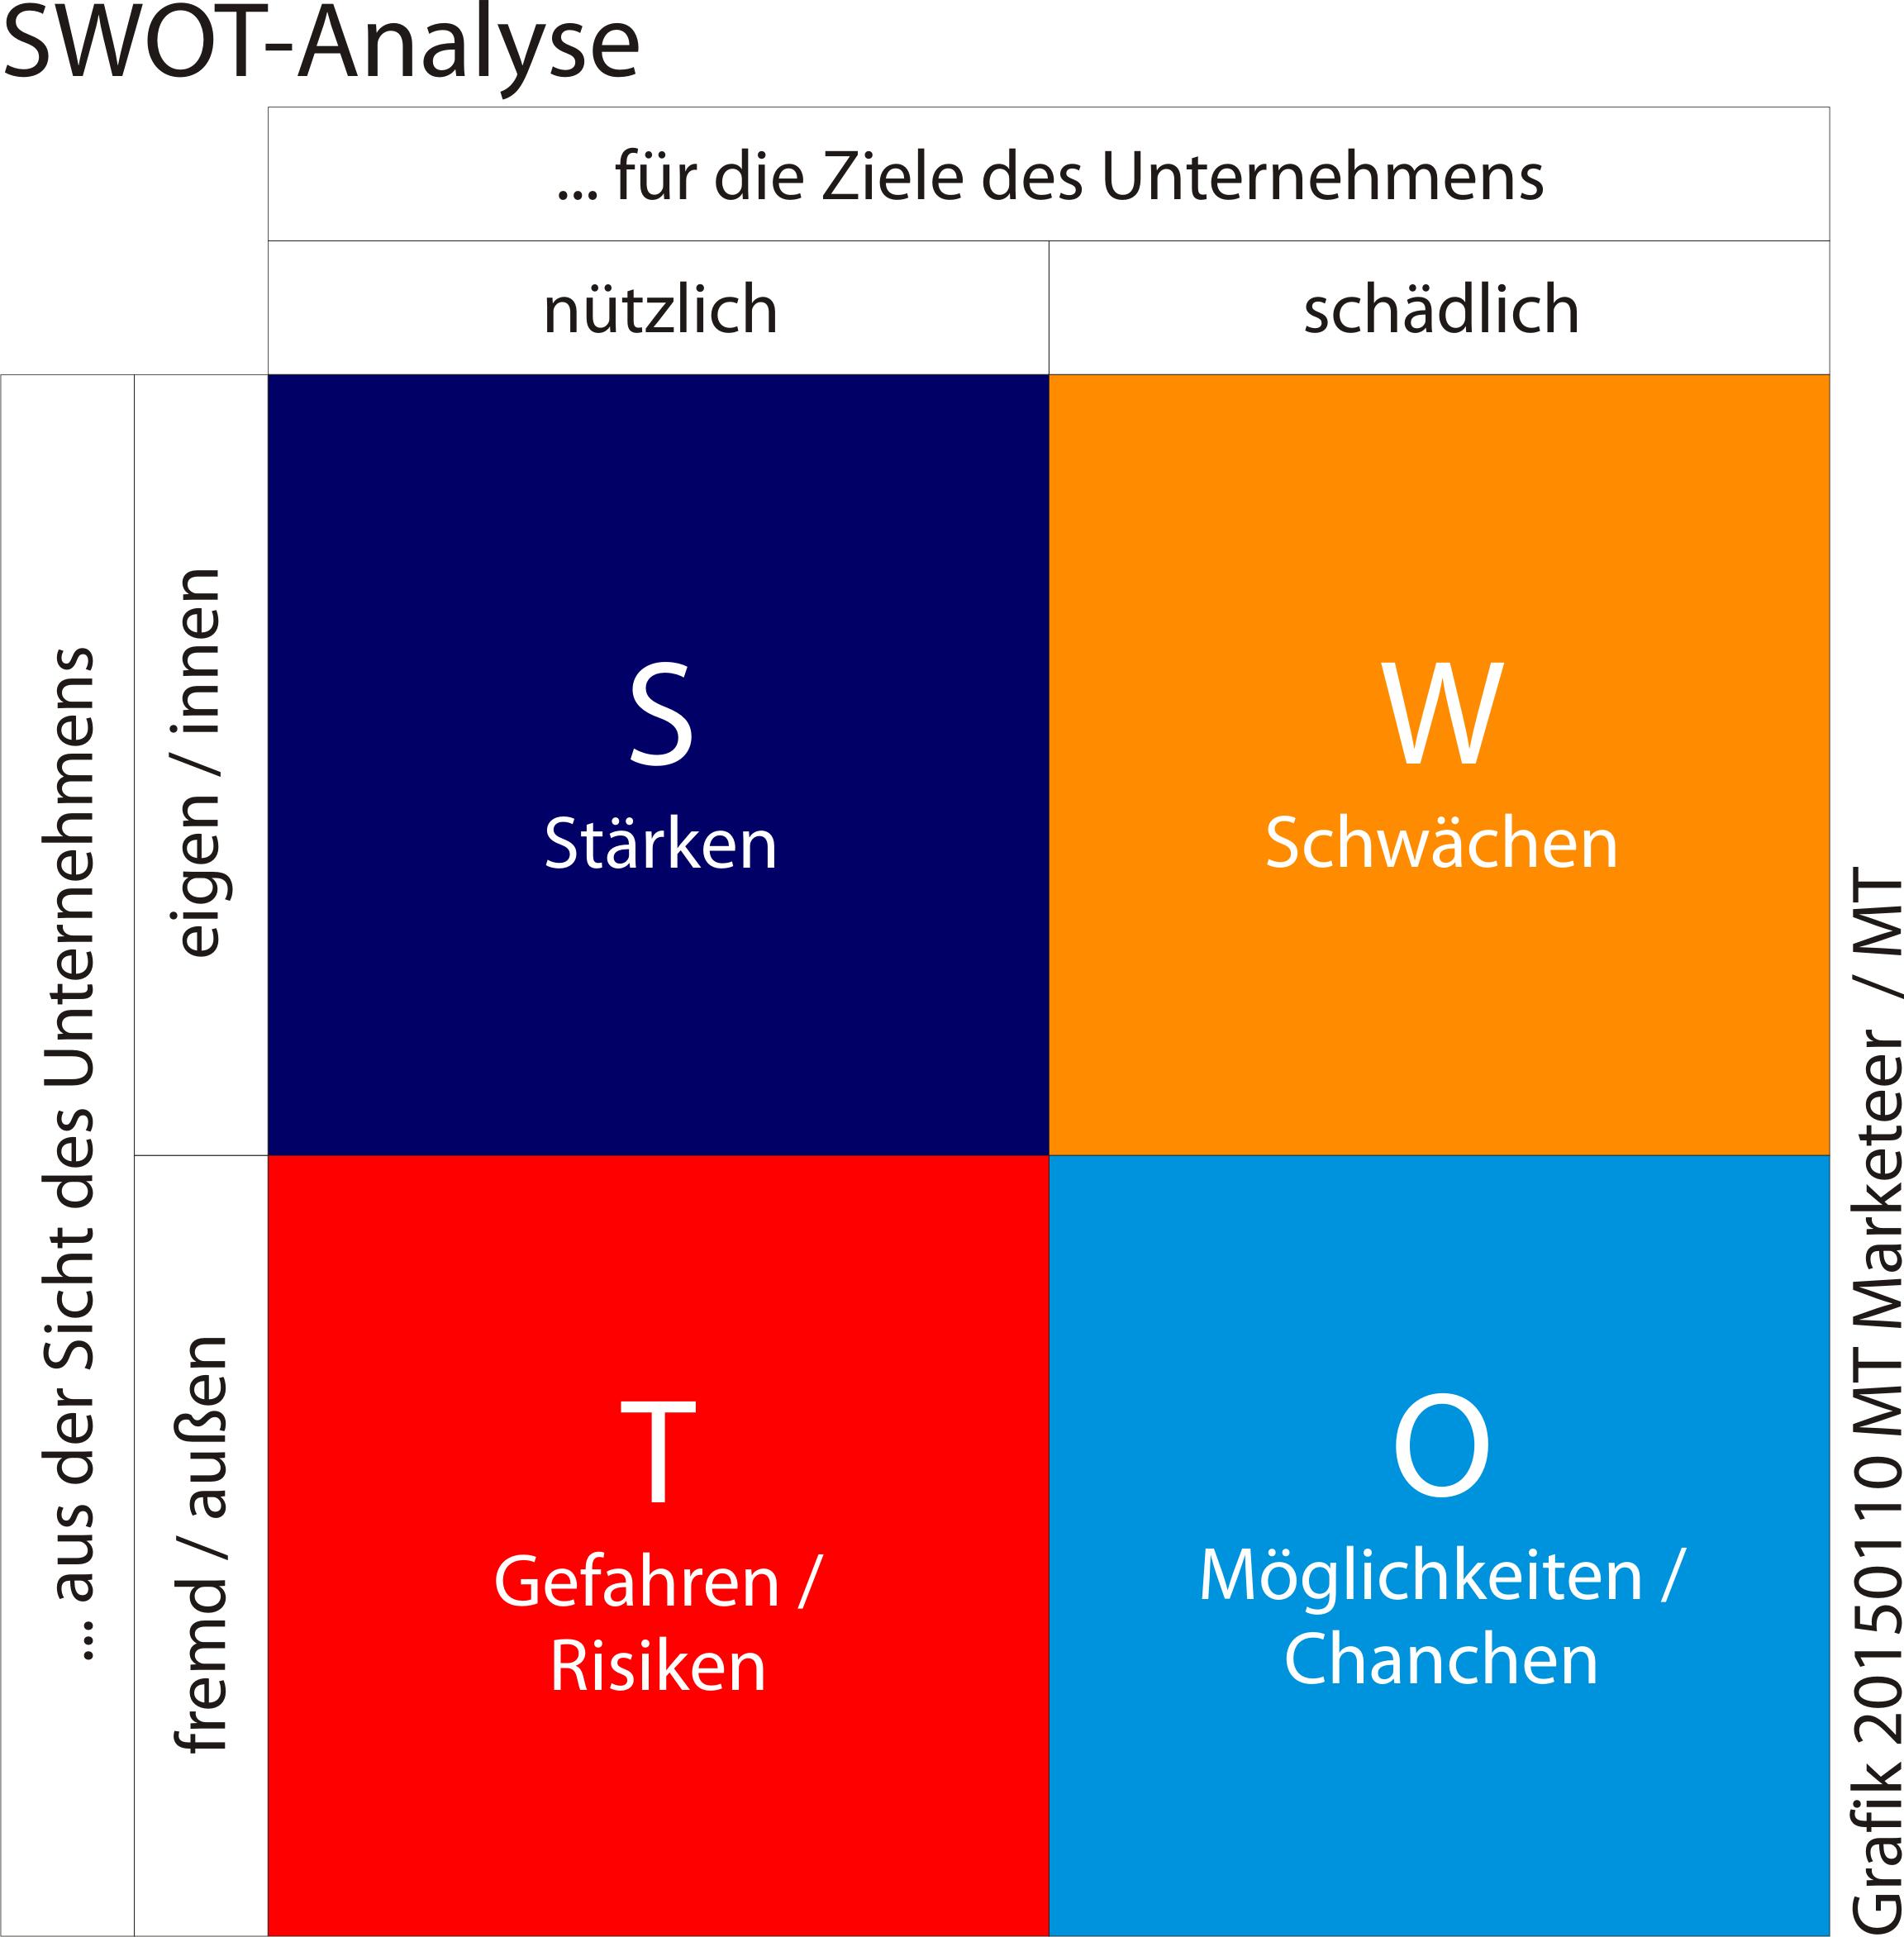 SWOT-Analyse - Aus Sicht des eigenen Unternehmens werden die Stärken [S] und Schwächen [W] beurteilt – Für den Markt werden die Gefahren [T] und Möglichkeiten [O] mittels Marktanalyse ermittelt. Quelle: MT Marketeer, Michael Tönsing